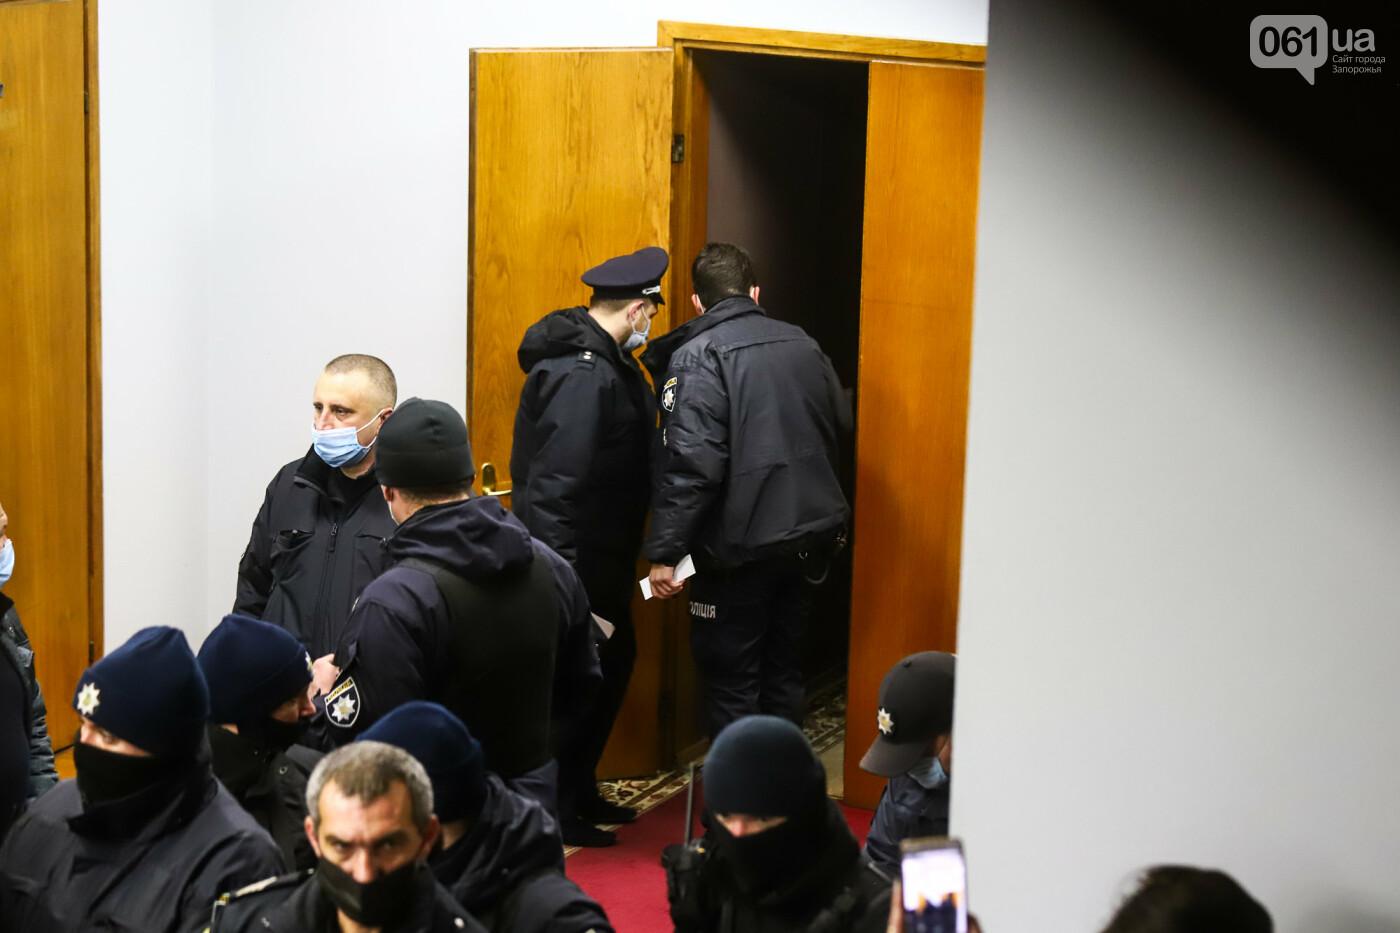 """Тайная """"сессия"""", сотни правоохранителей и стычки с активистами - что происходило в здании Запорожского облсовета, - ФОТО, ВИДЕО , фото-59"""